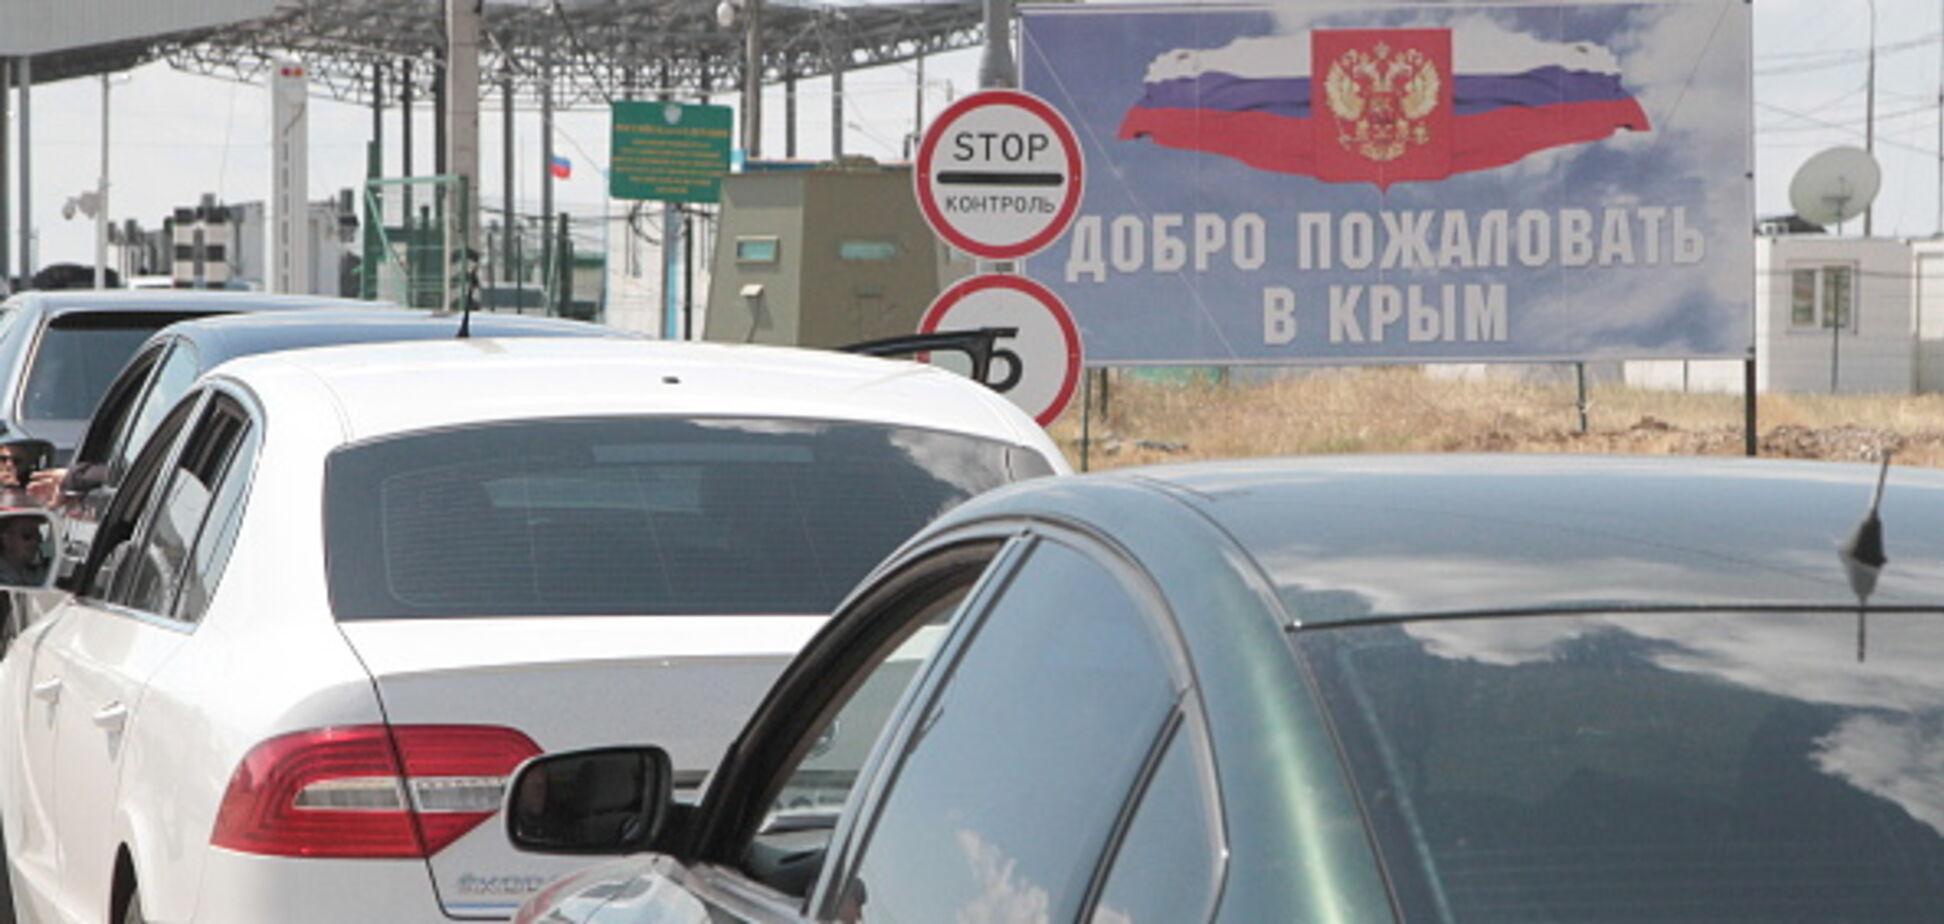 Чтобы не вернули: Россия решила отделить Крым от Украины огромной стеной